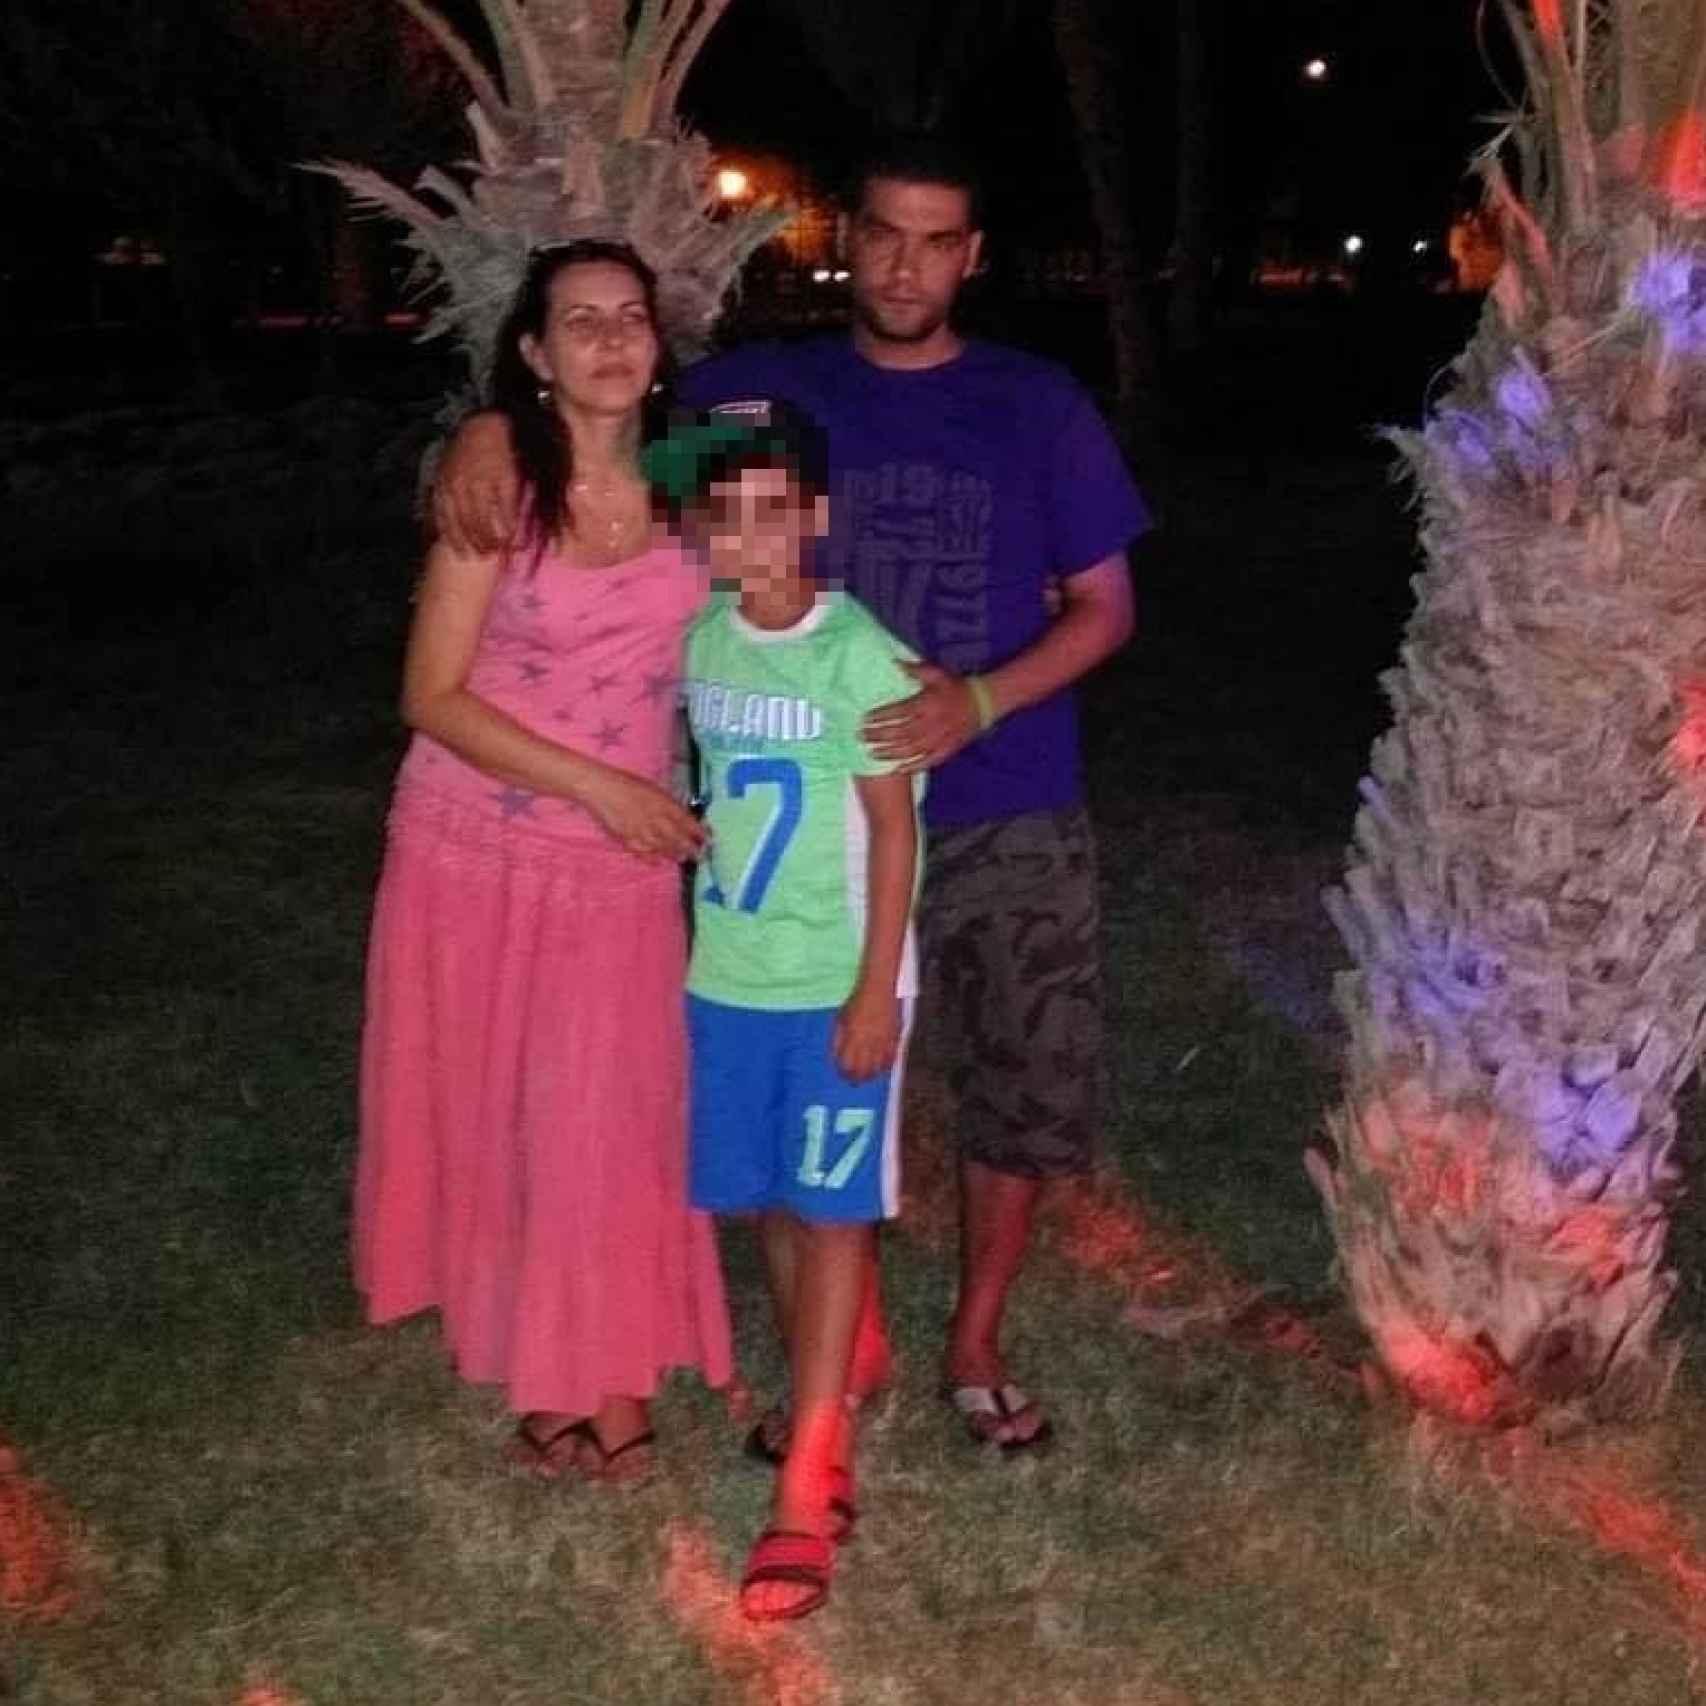 La familia al completo de vacaciones. No había denuncias previas por malos tratos ni órdenes de alejamiento